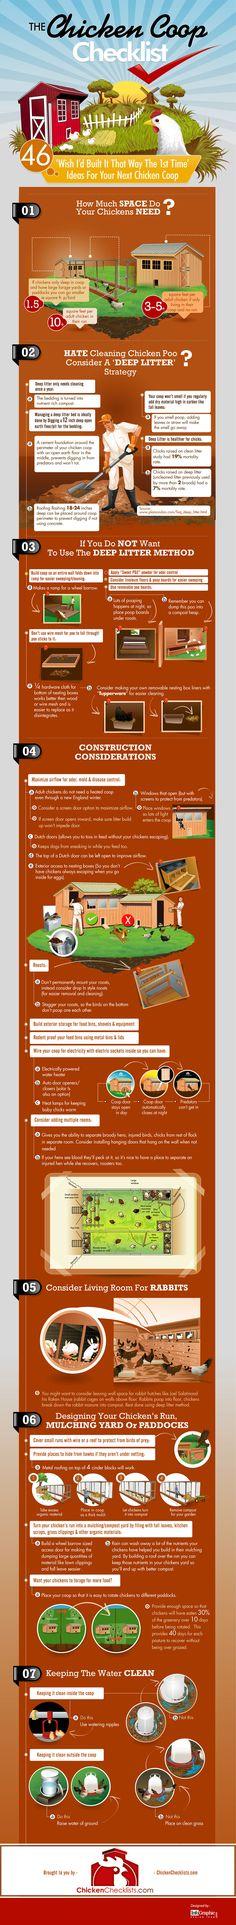 the chicken coop checklist